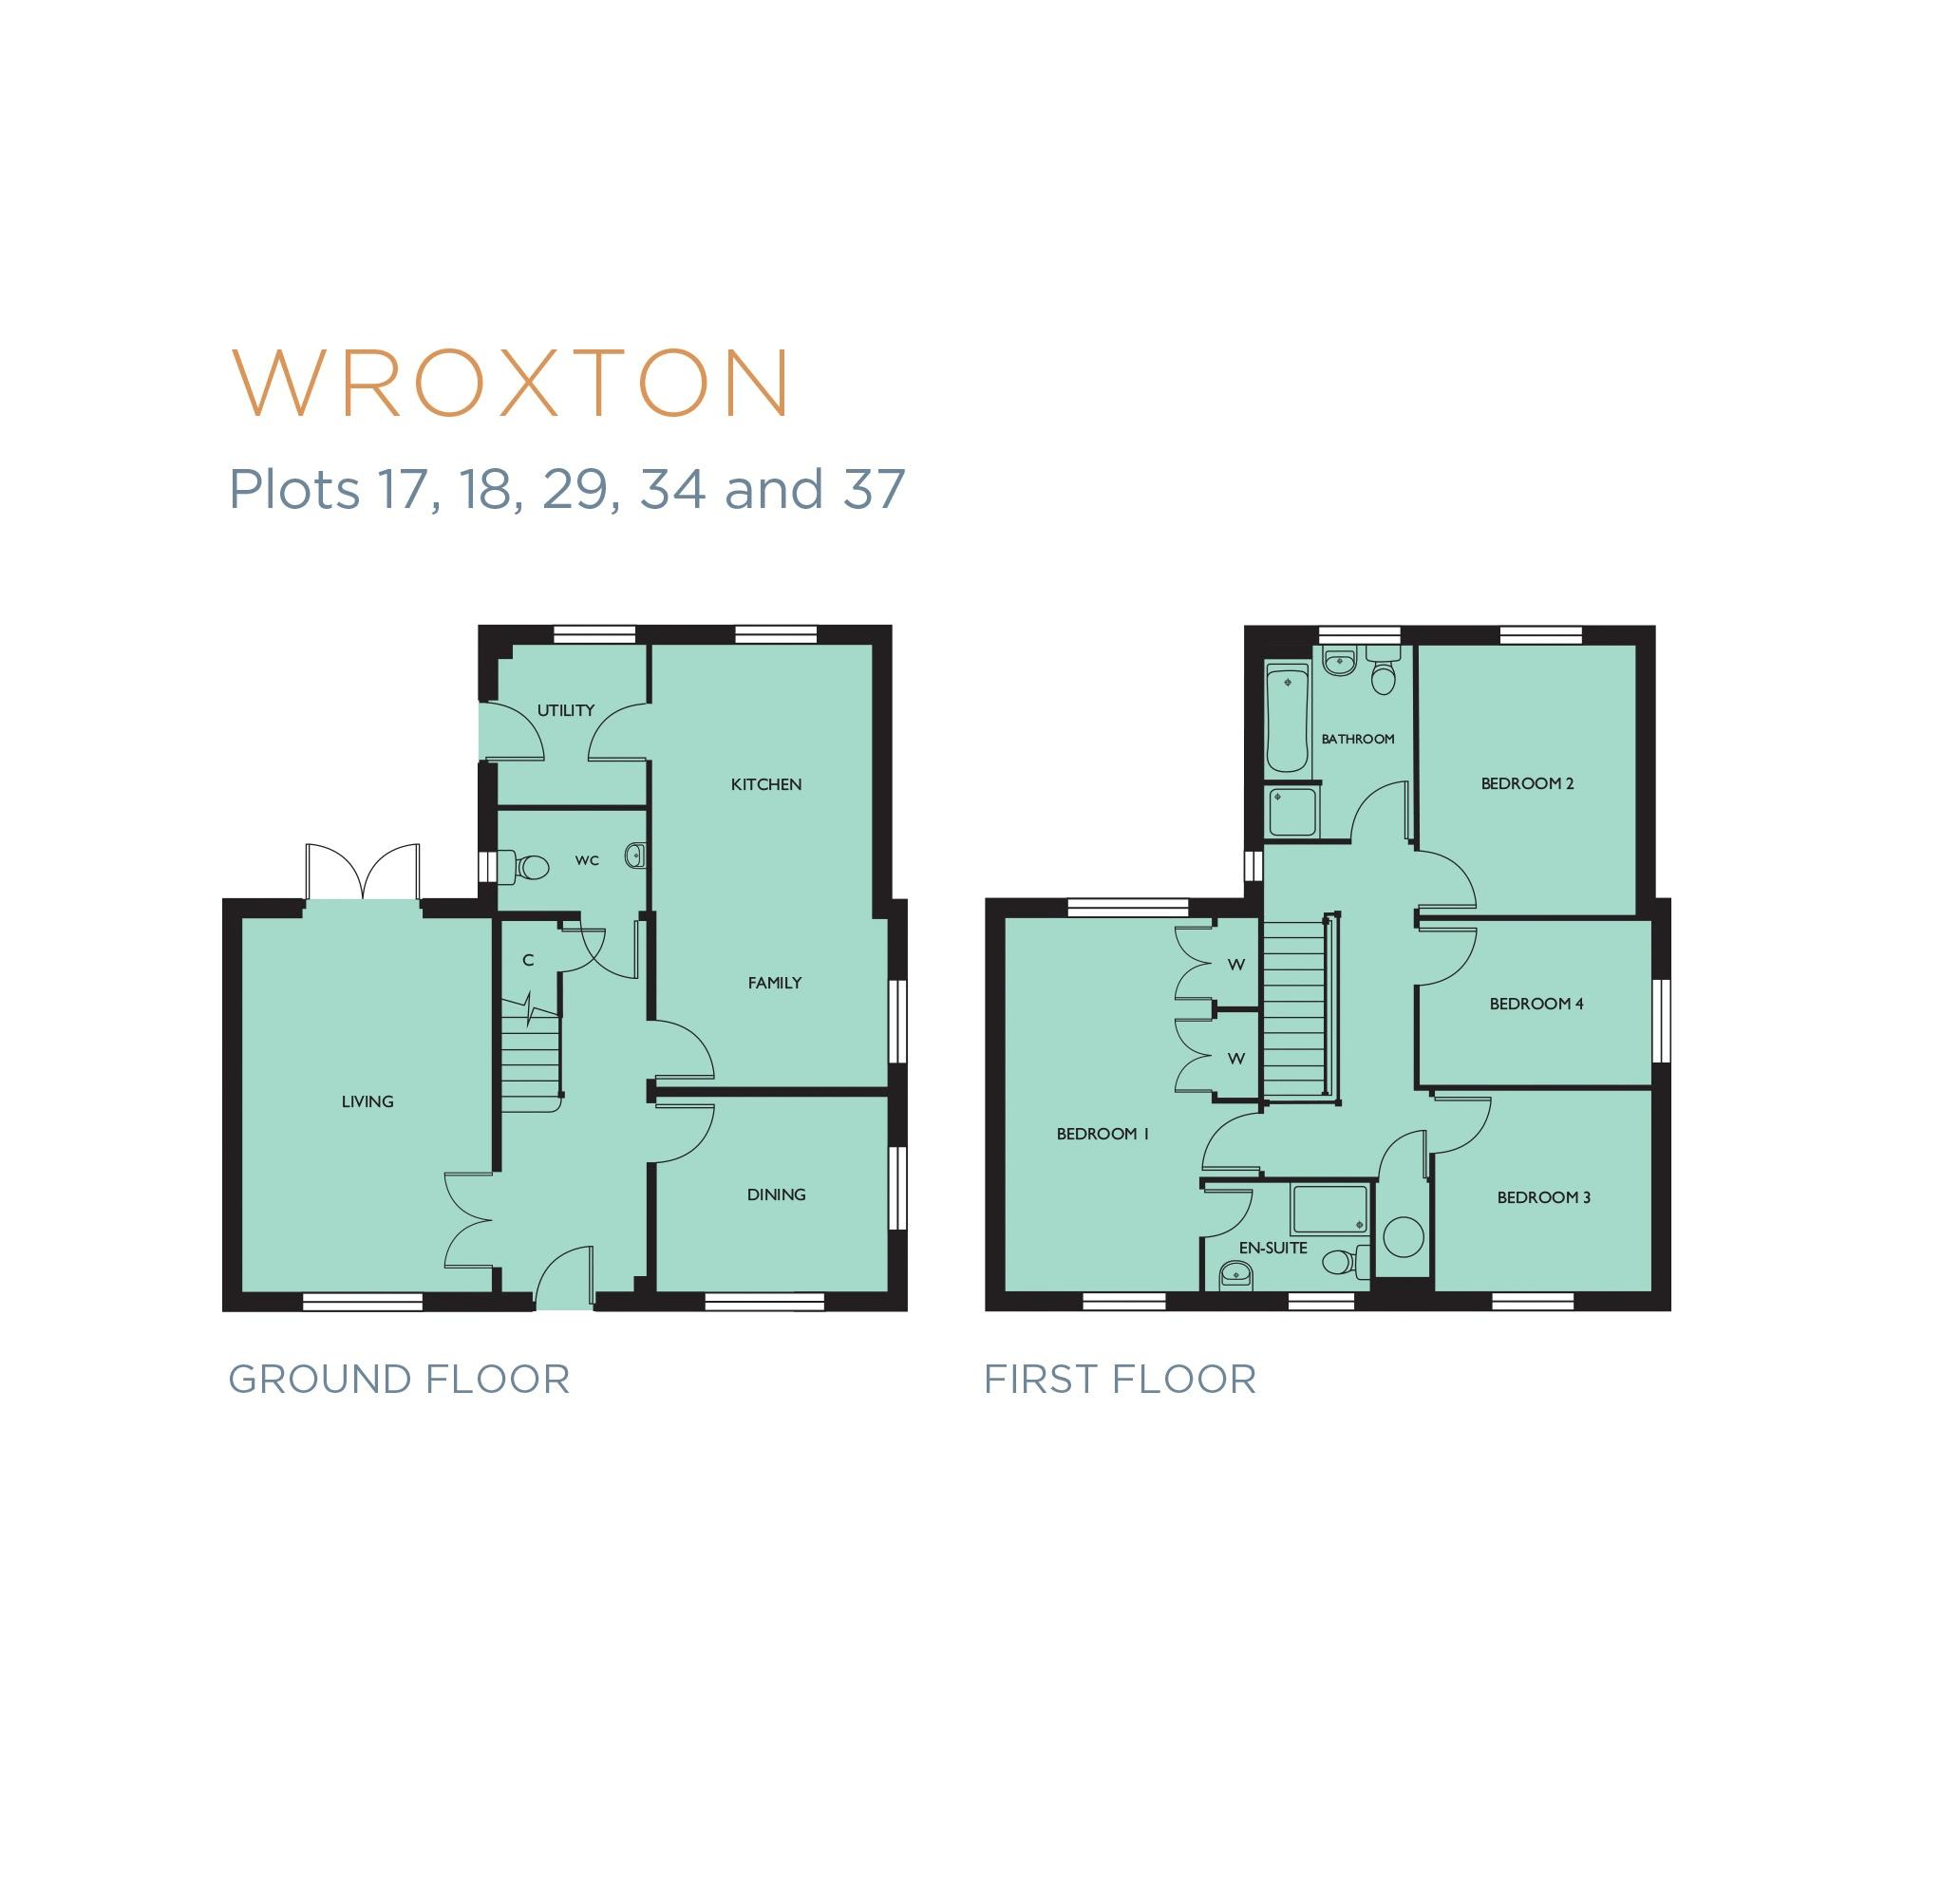 Wroxton Floorplan